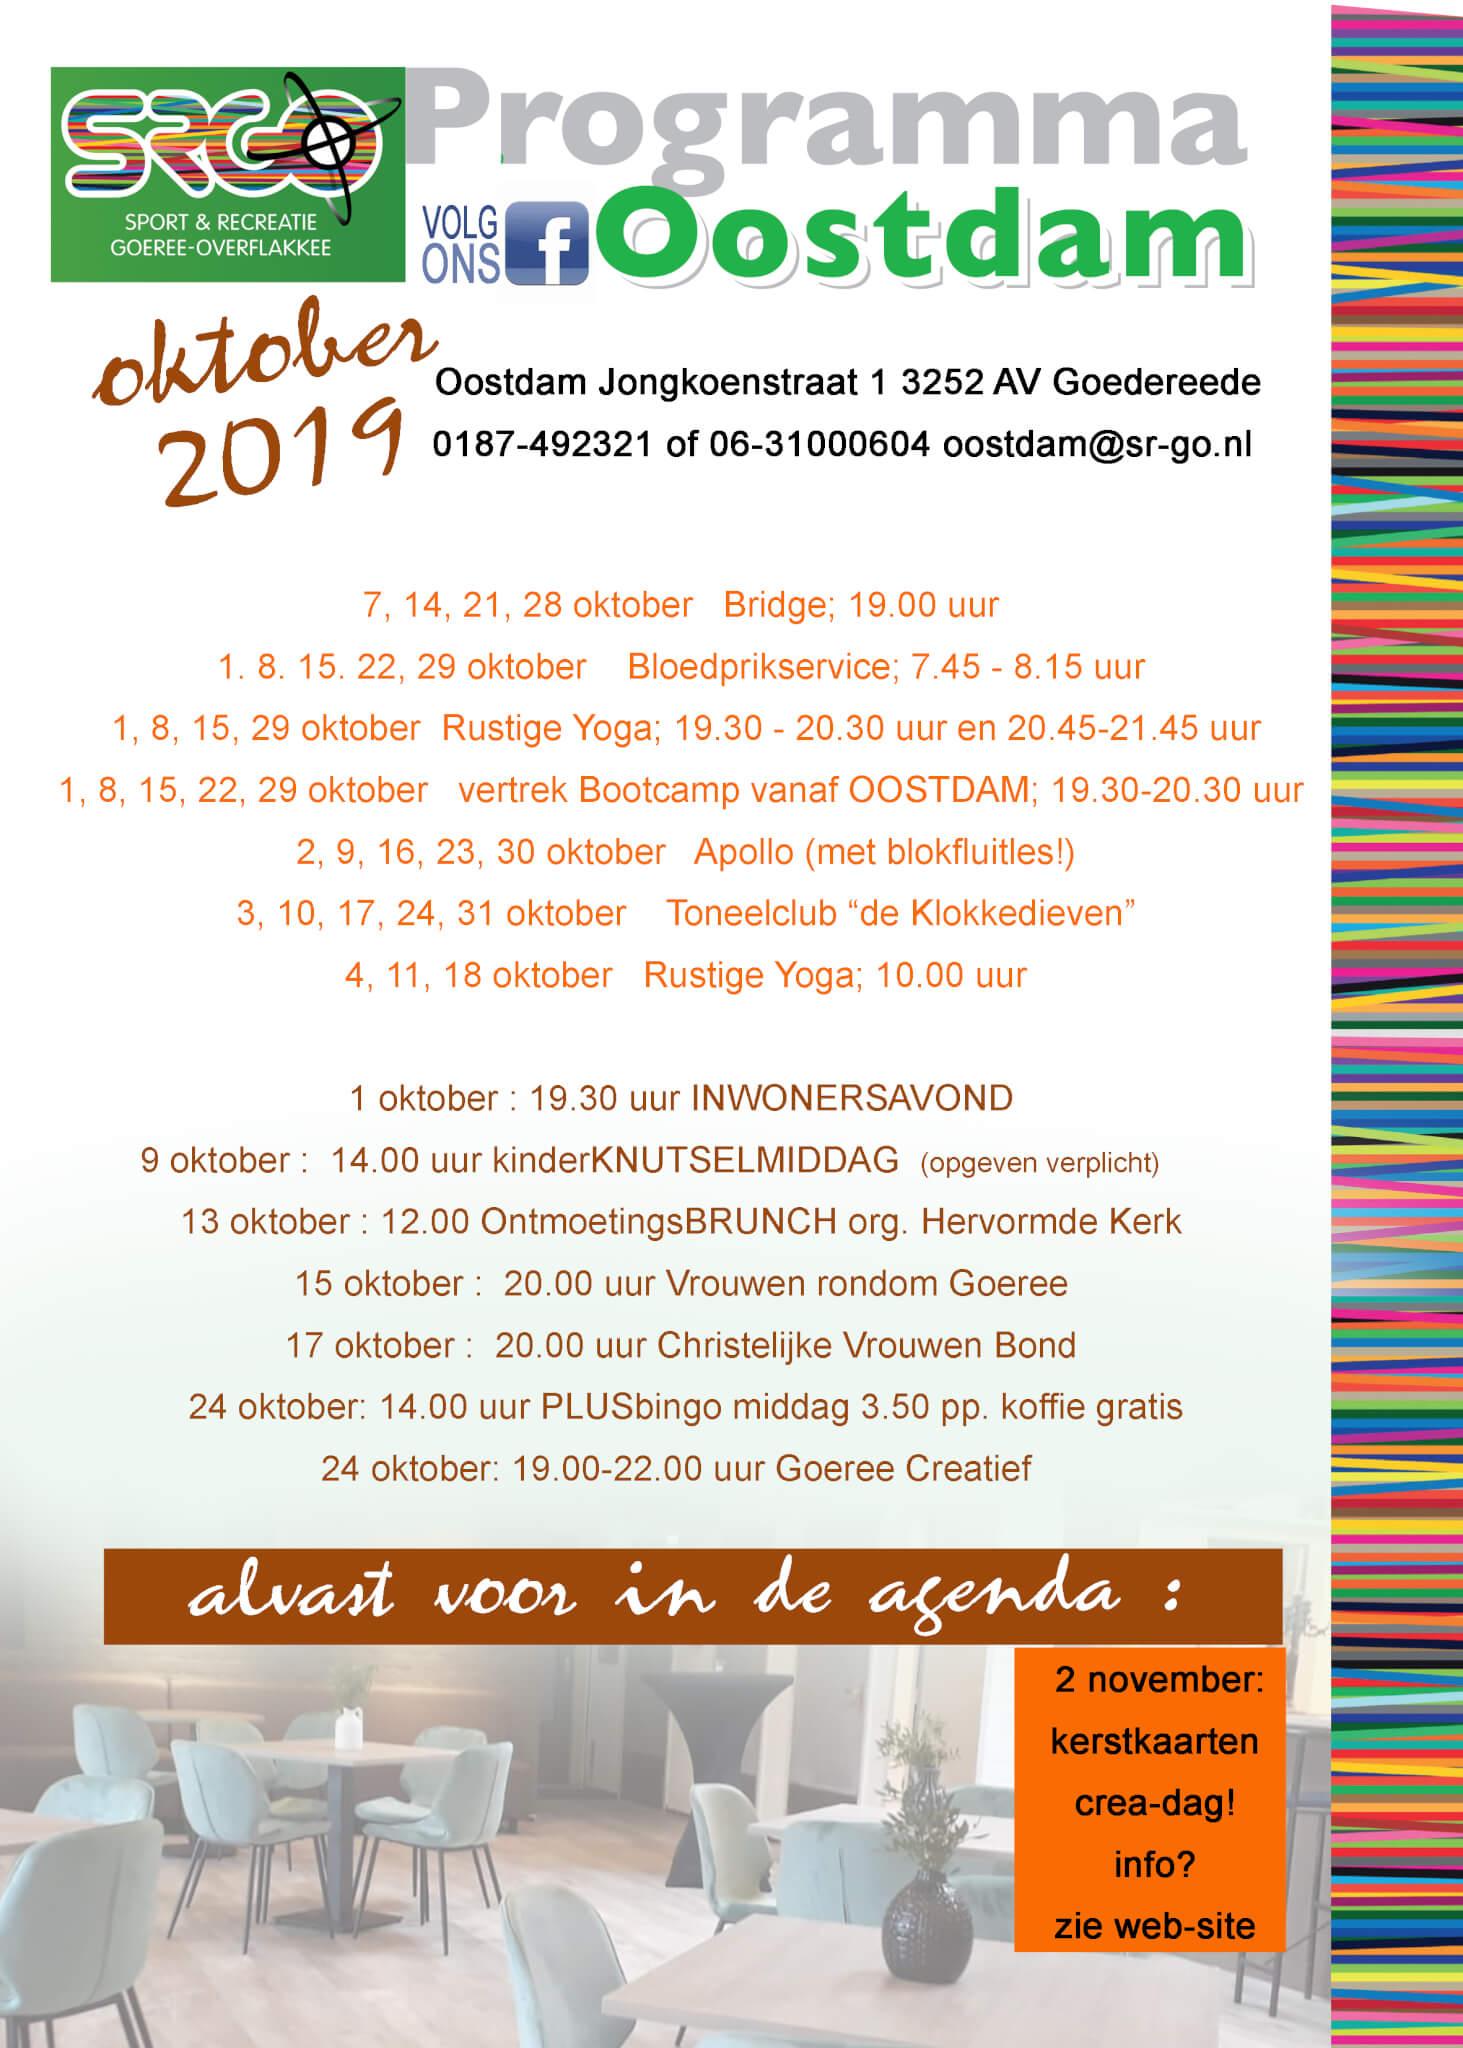 vol oktober programma in SRGO Oostdam te Goedereede